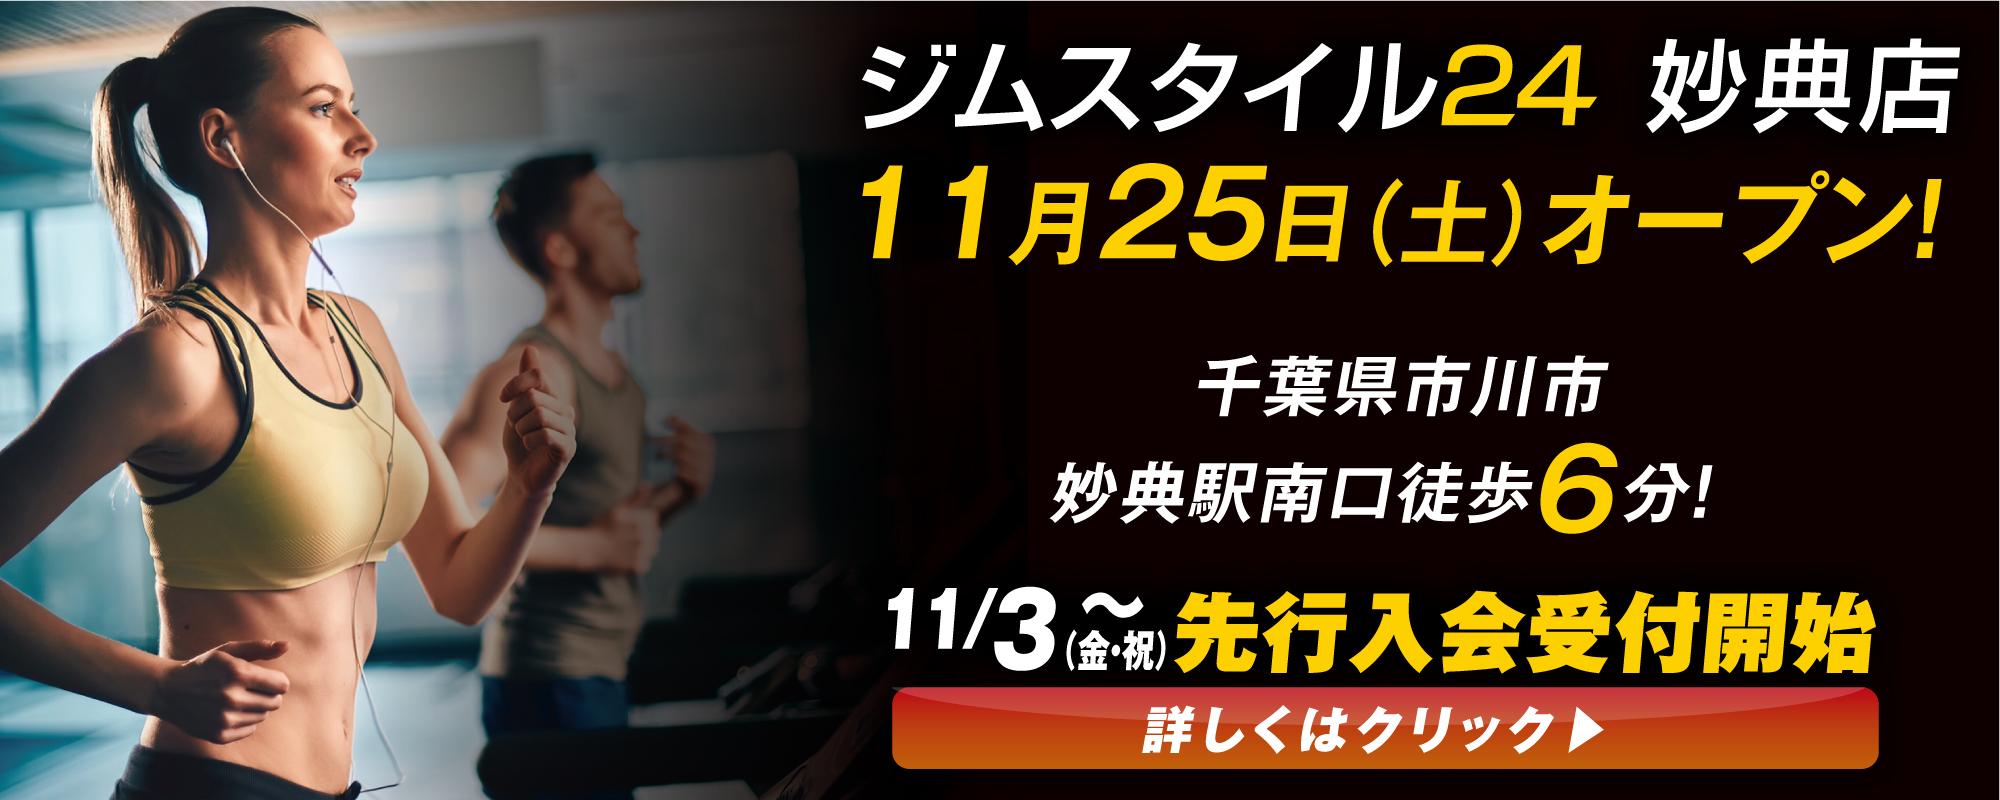 ジムスタイル24 妙典店 11月25日(土)オープン! 11月3日(金・祝)入会受付開始